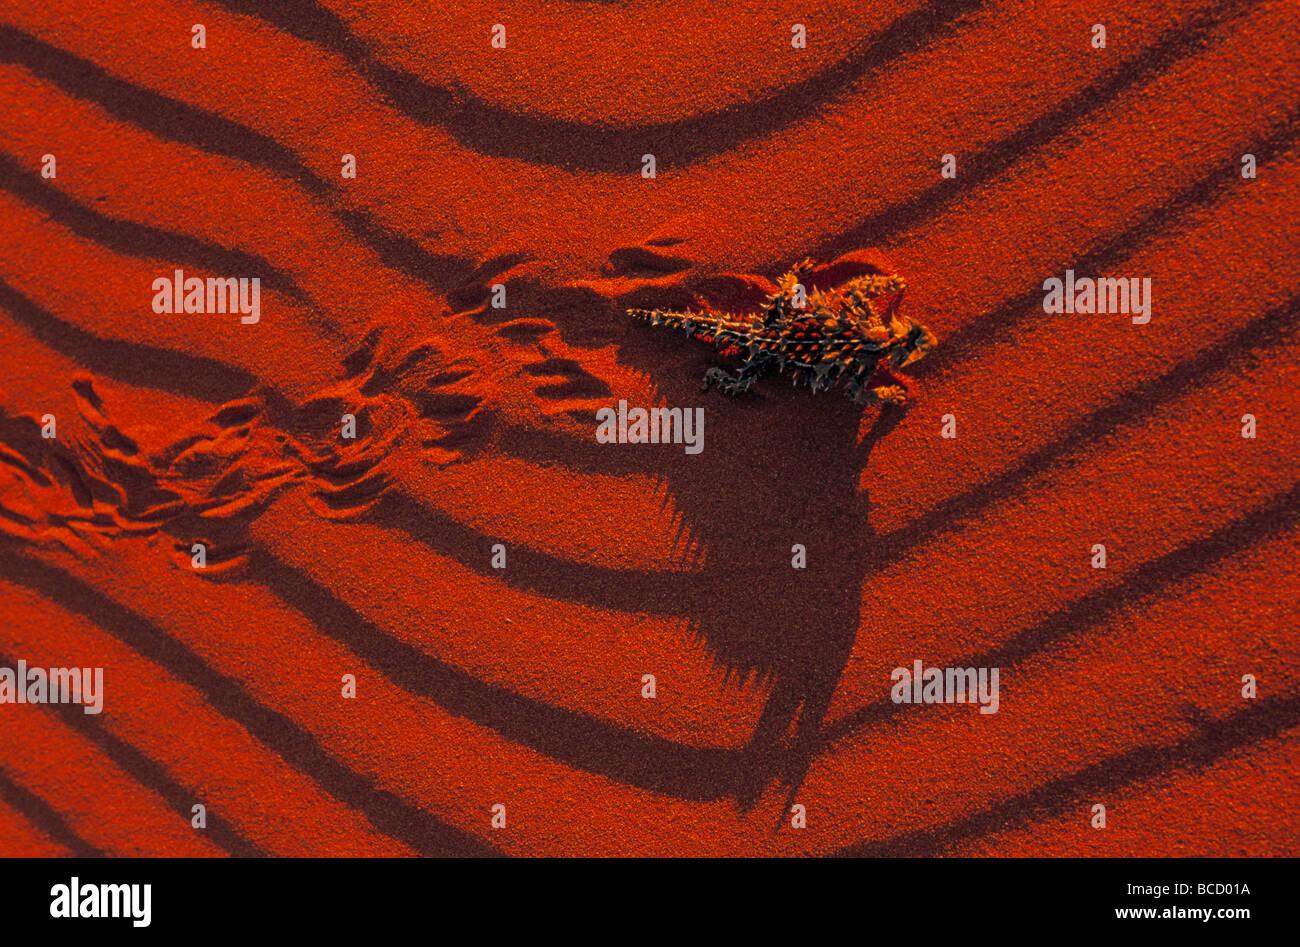 Du lézard épineux (Moloch horridus) traversée de sable ondulé rouge Photo Stock